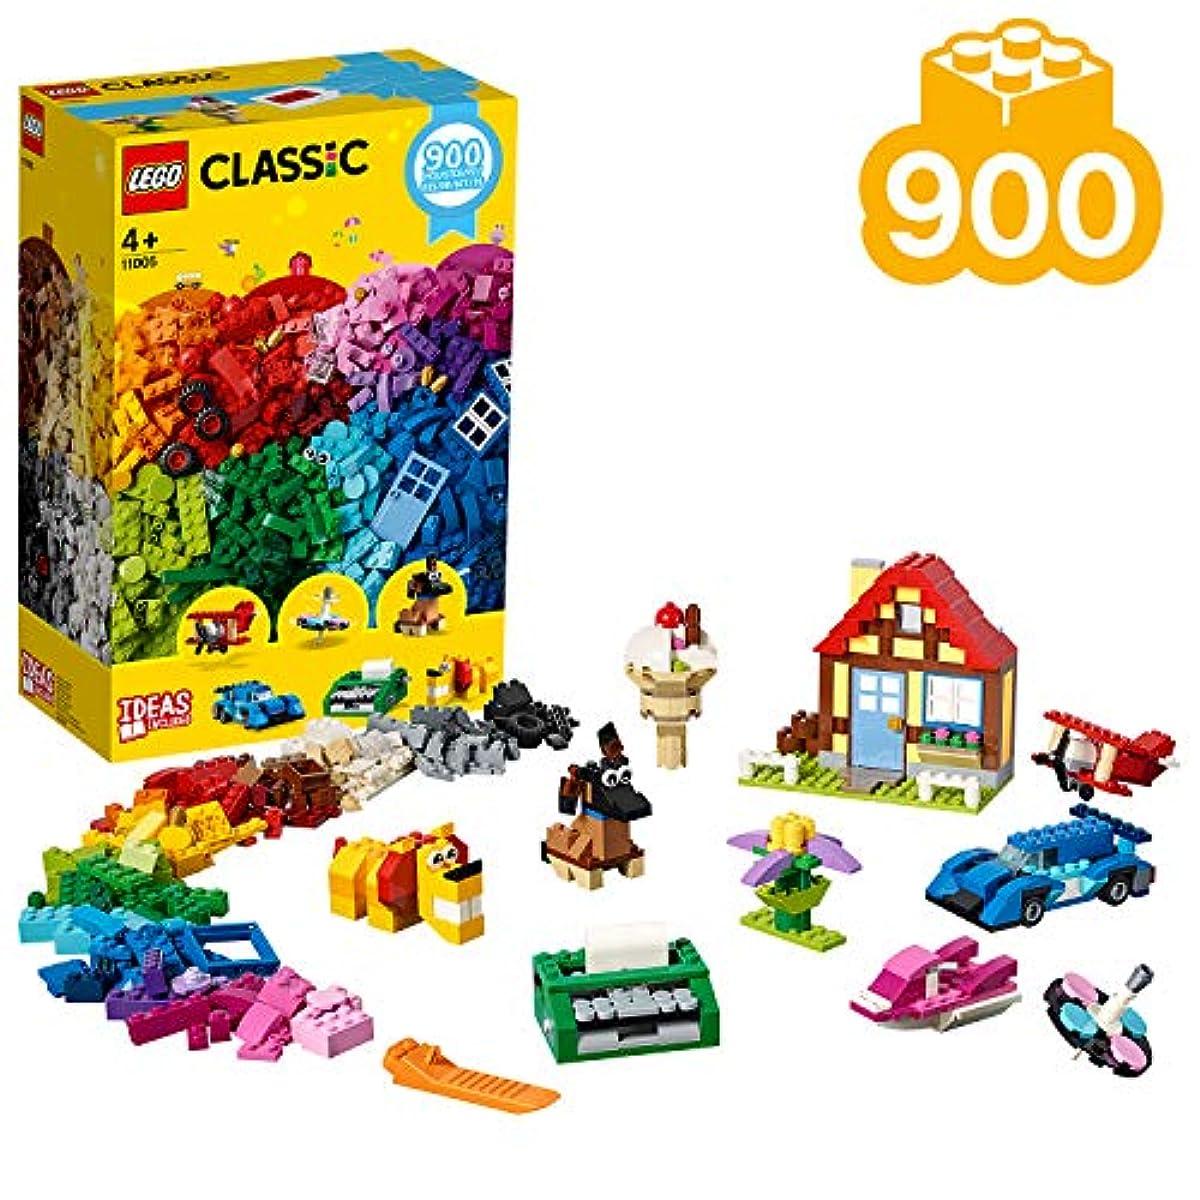 [해외] LEGO 레고 클래식 11005